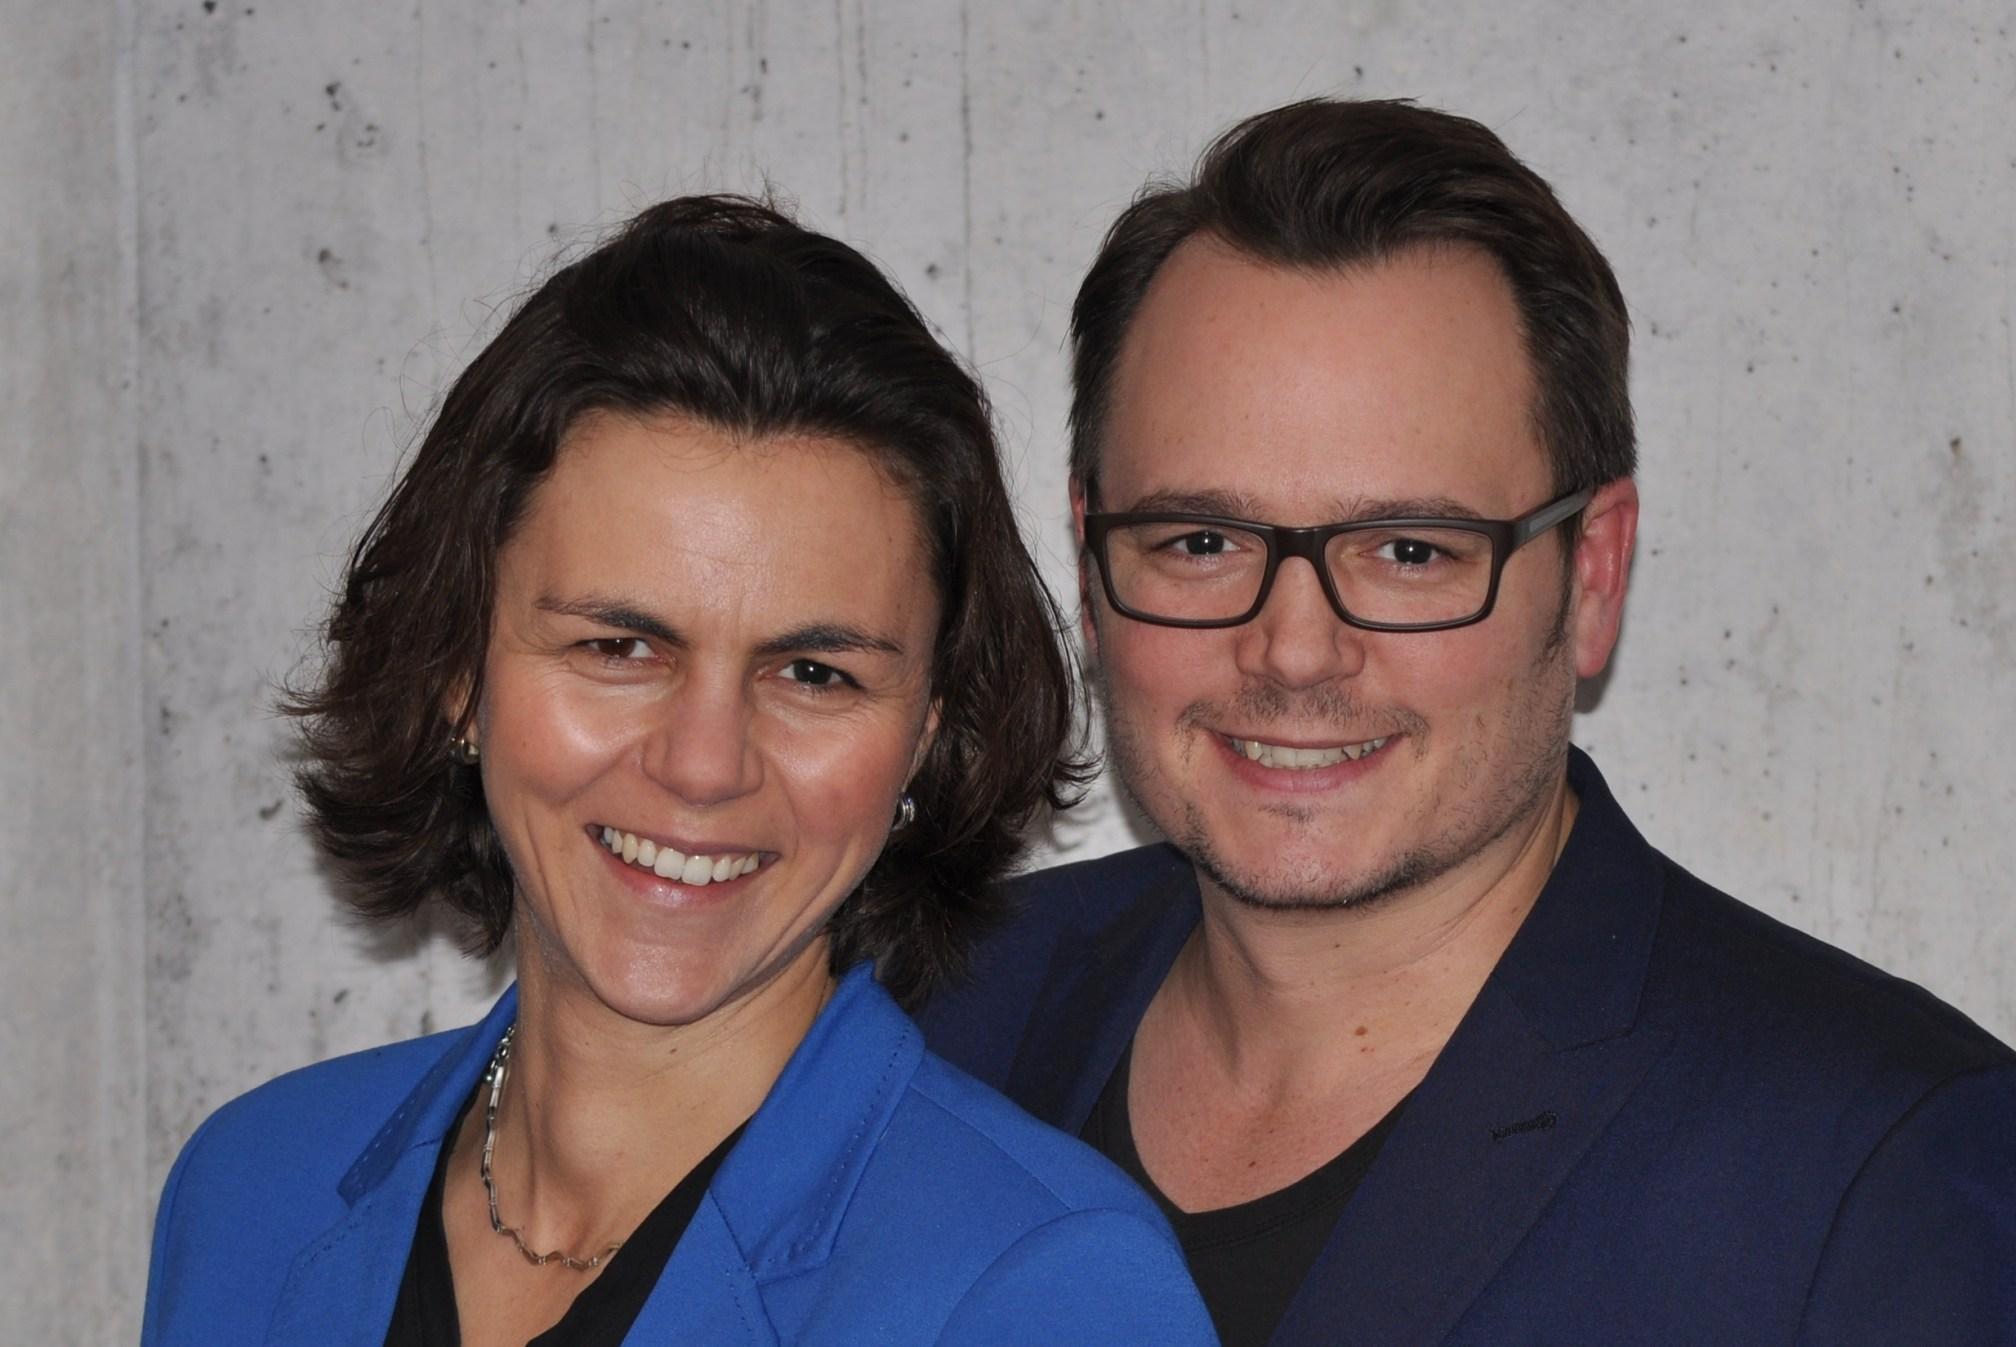 Die Autoren: Susen und Karsten Stanberger